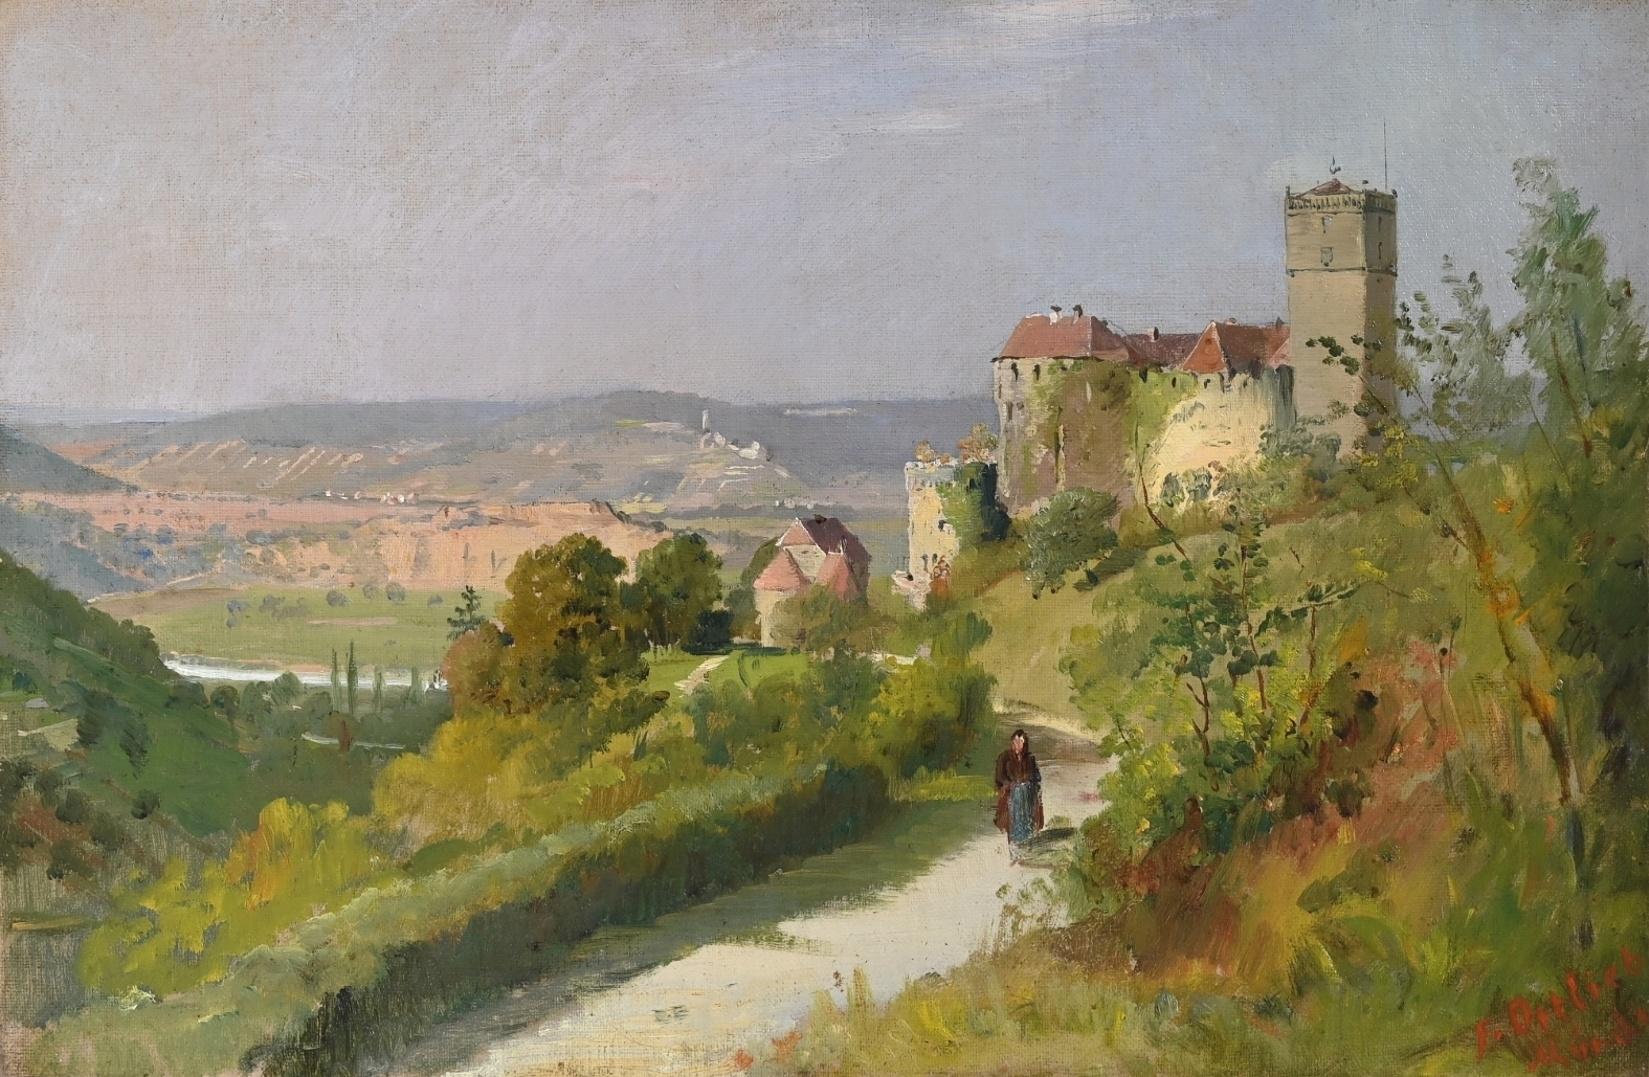 Friedrich Ortlieb (1838 - 1909) » Öl-Gemälde Realismus Impressionismus Landschaft Burg Schloss süddeutsche Malerei